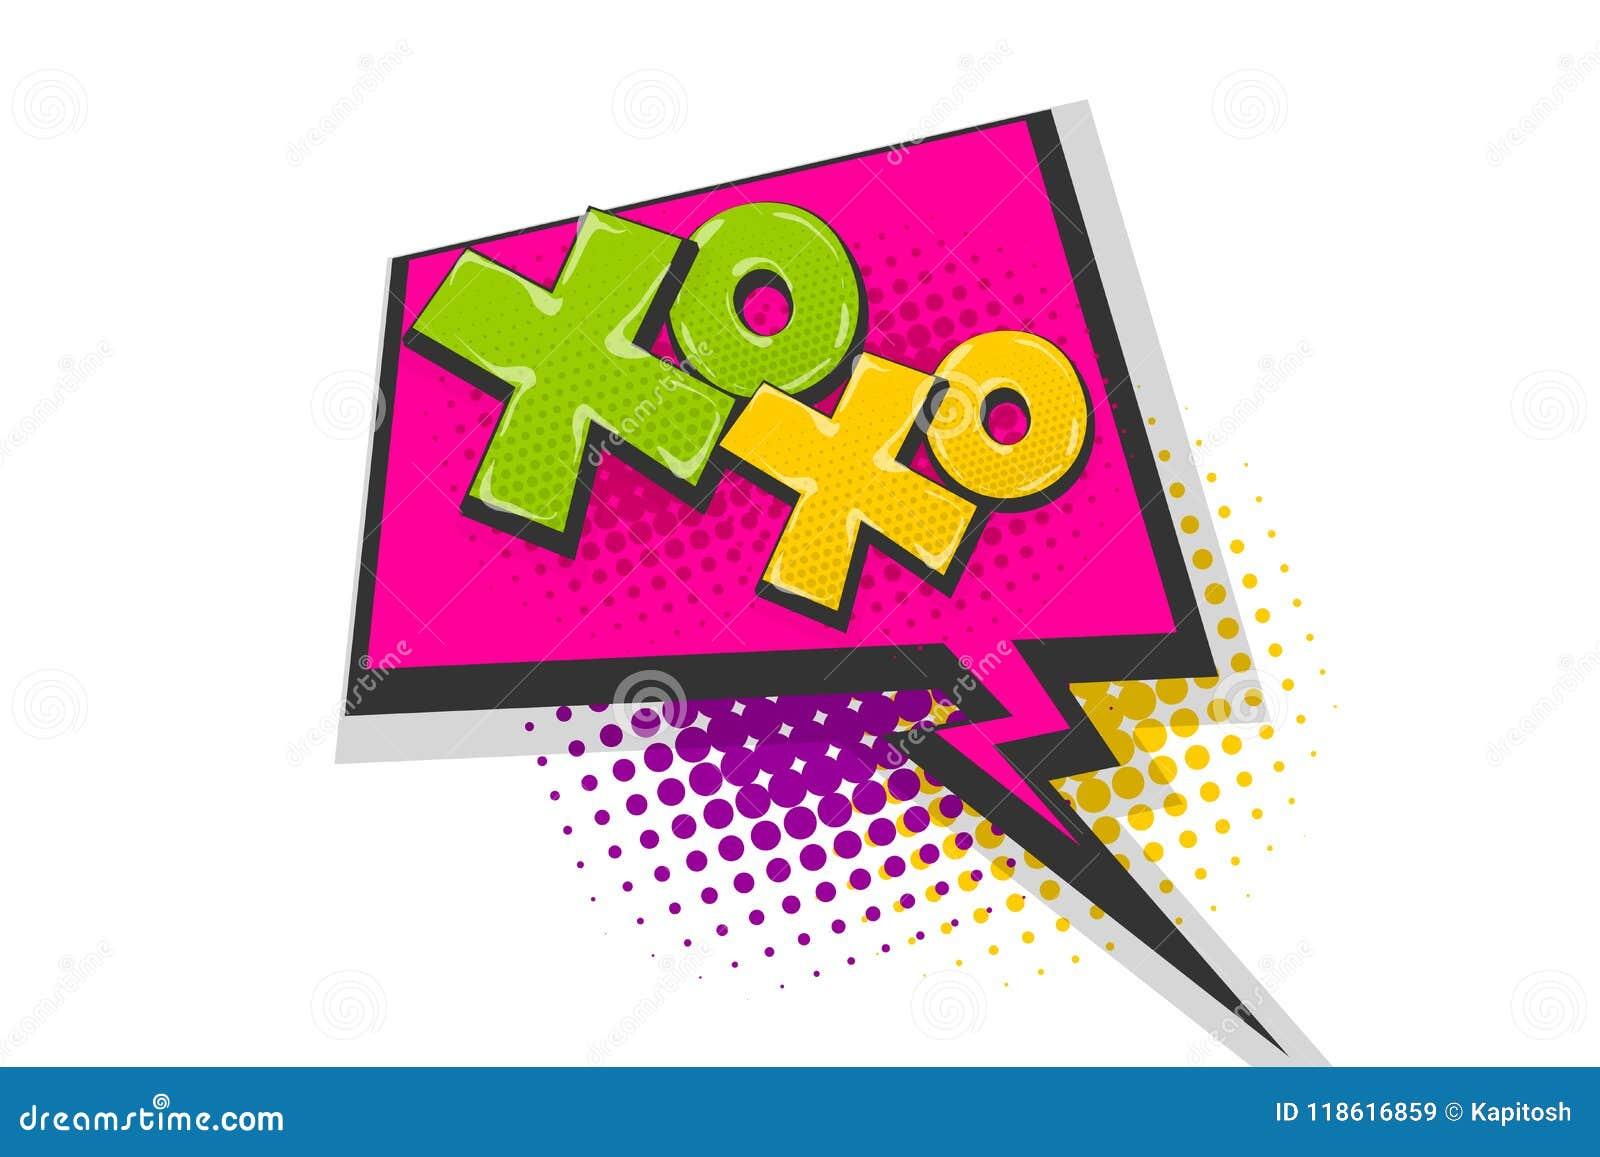 Xoxo Pop Art Comic Book Text Speech Bubble Stock Vector